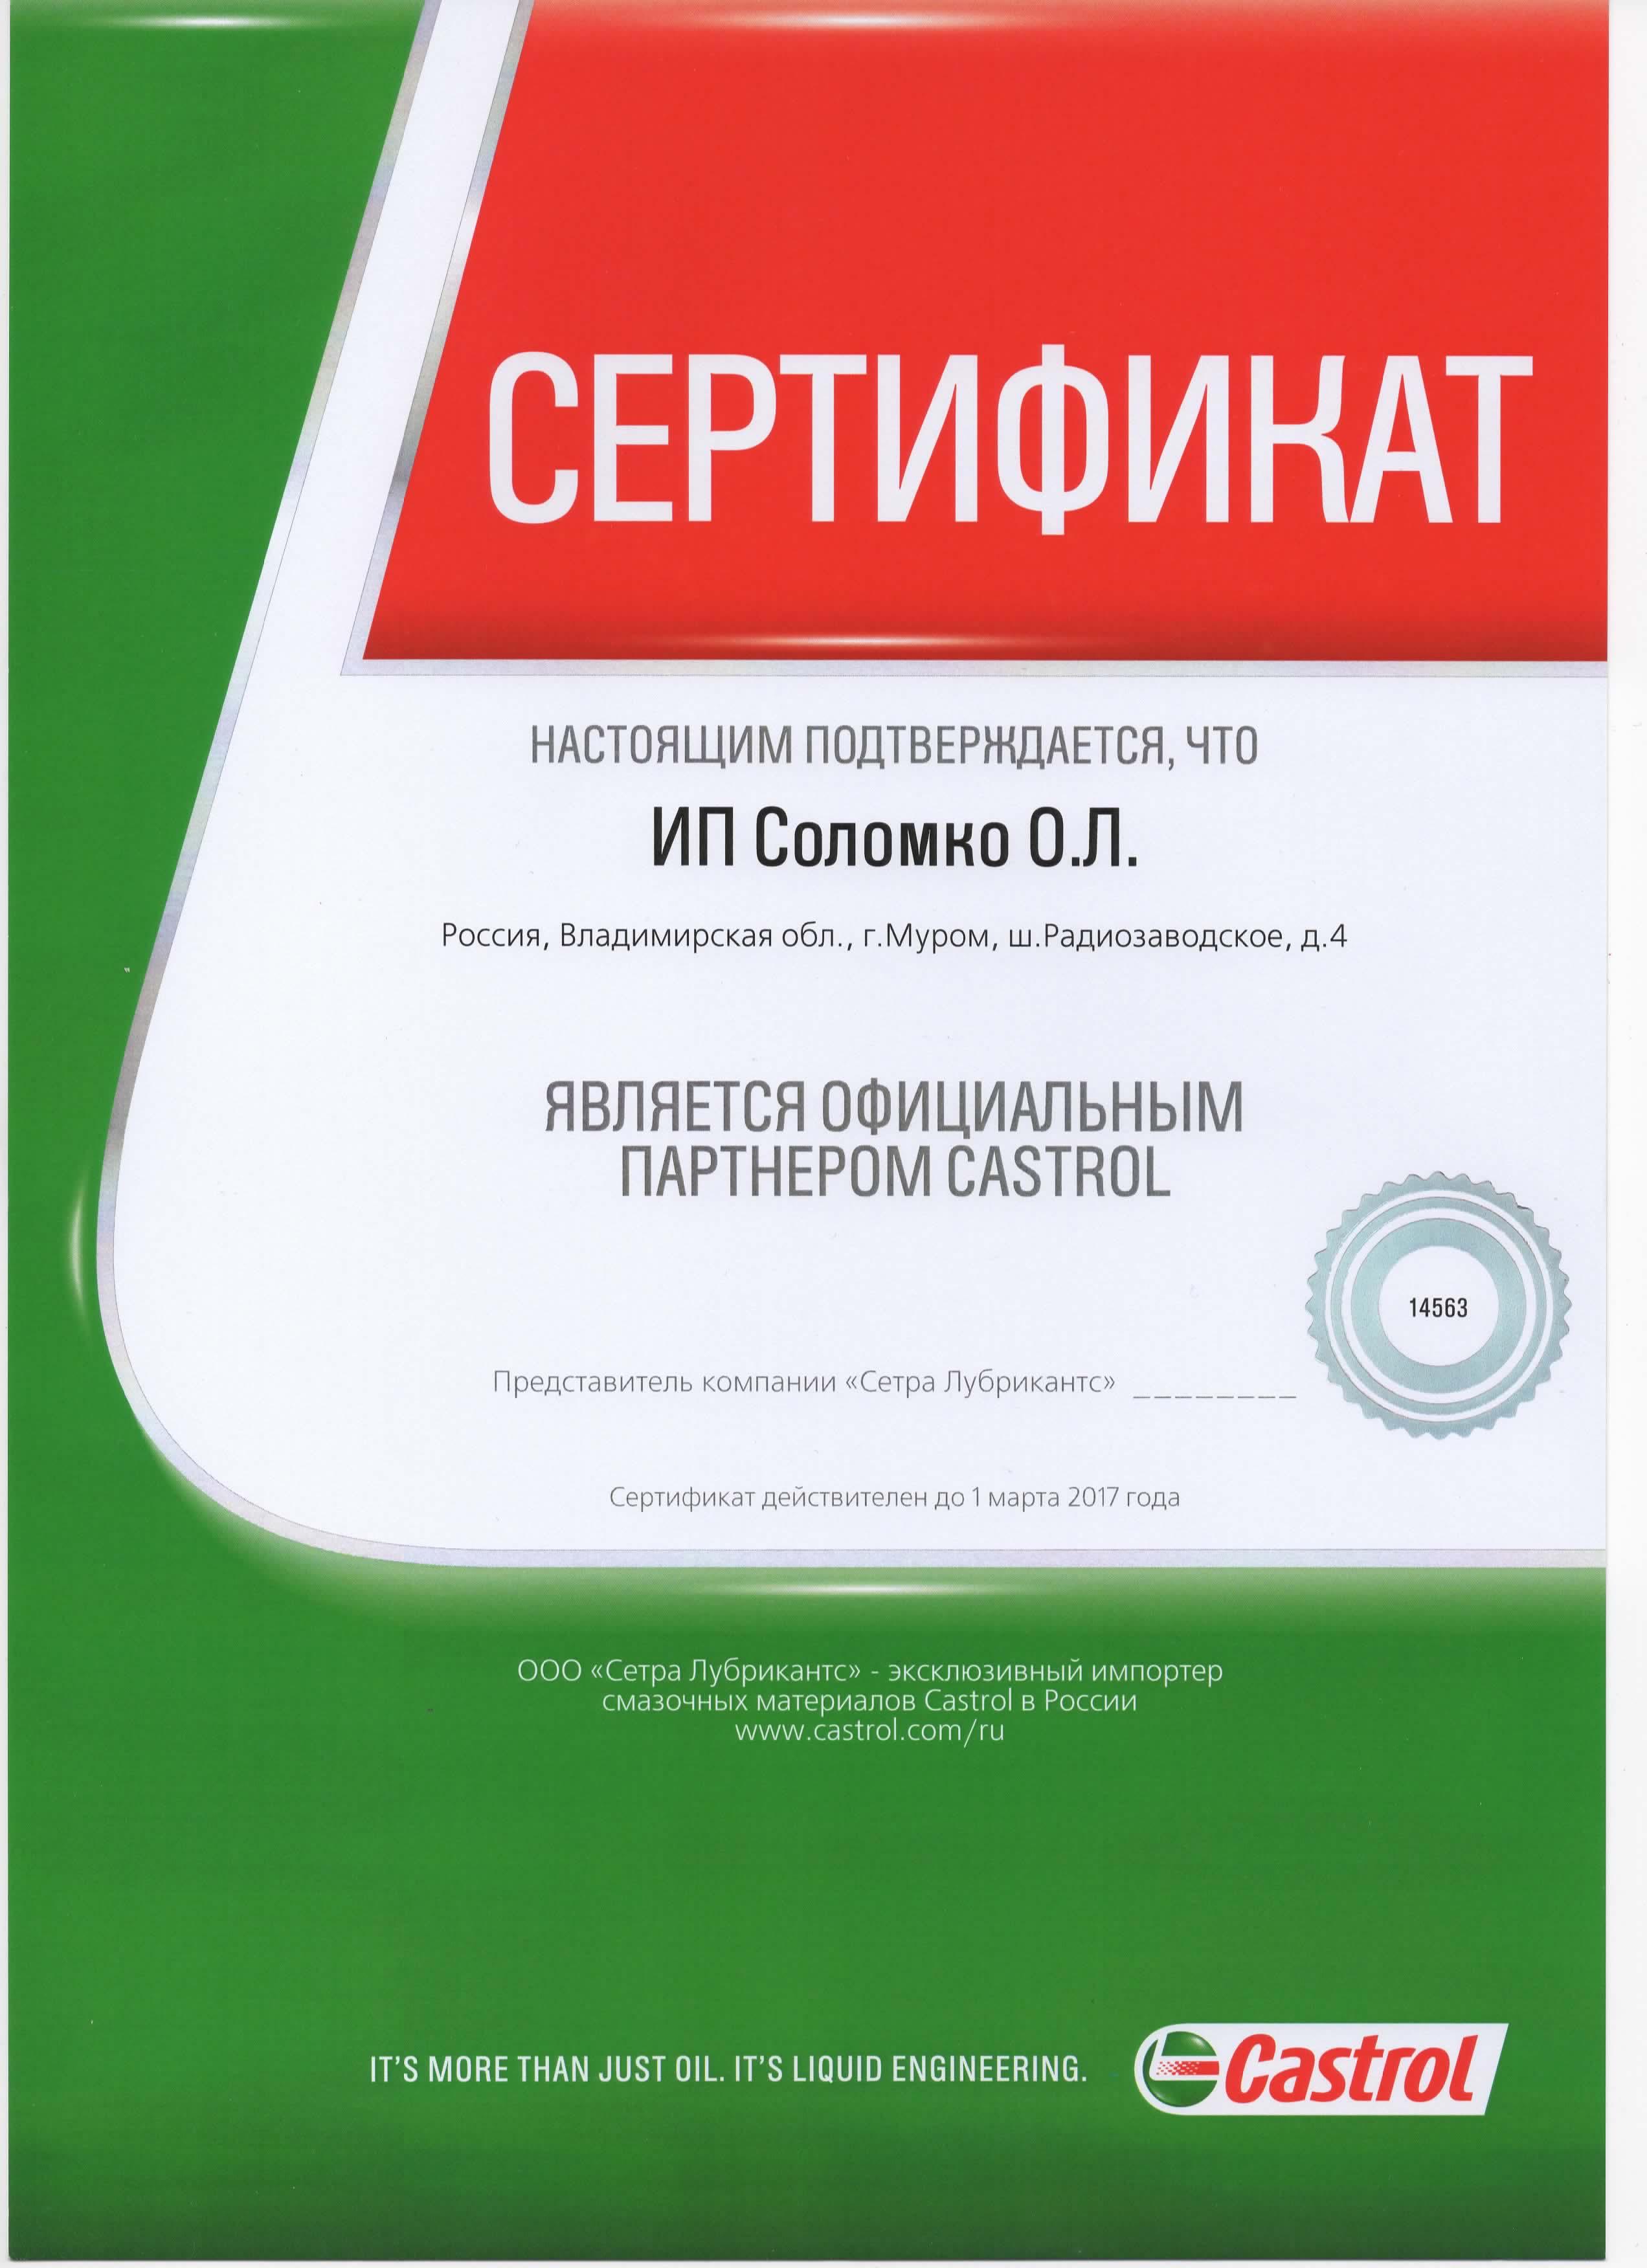 Сертификат Castrol 2